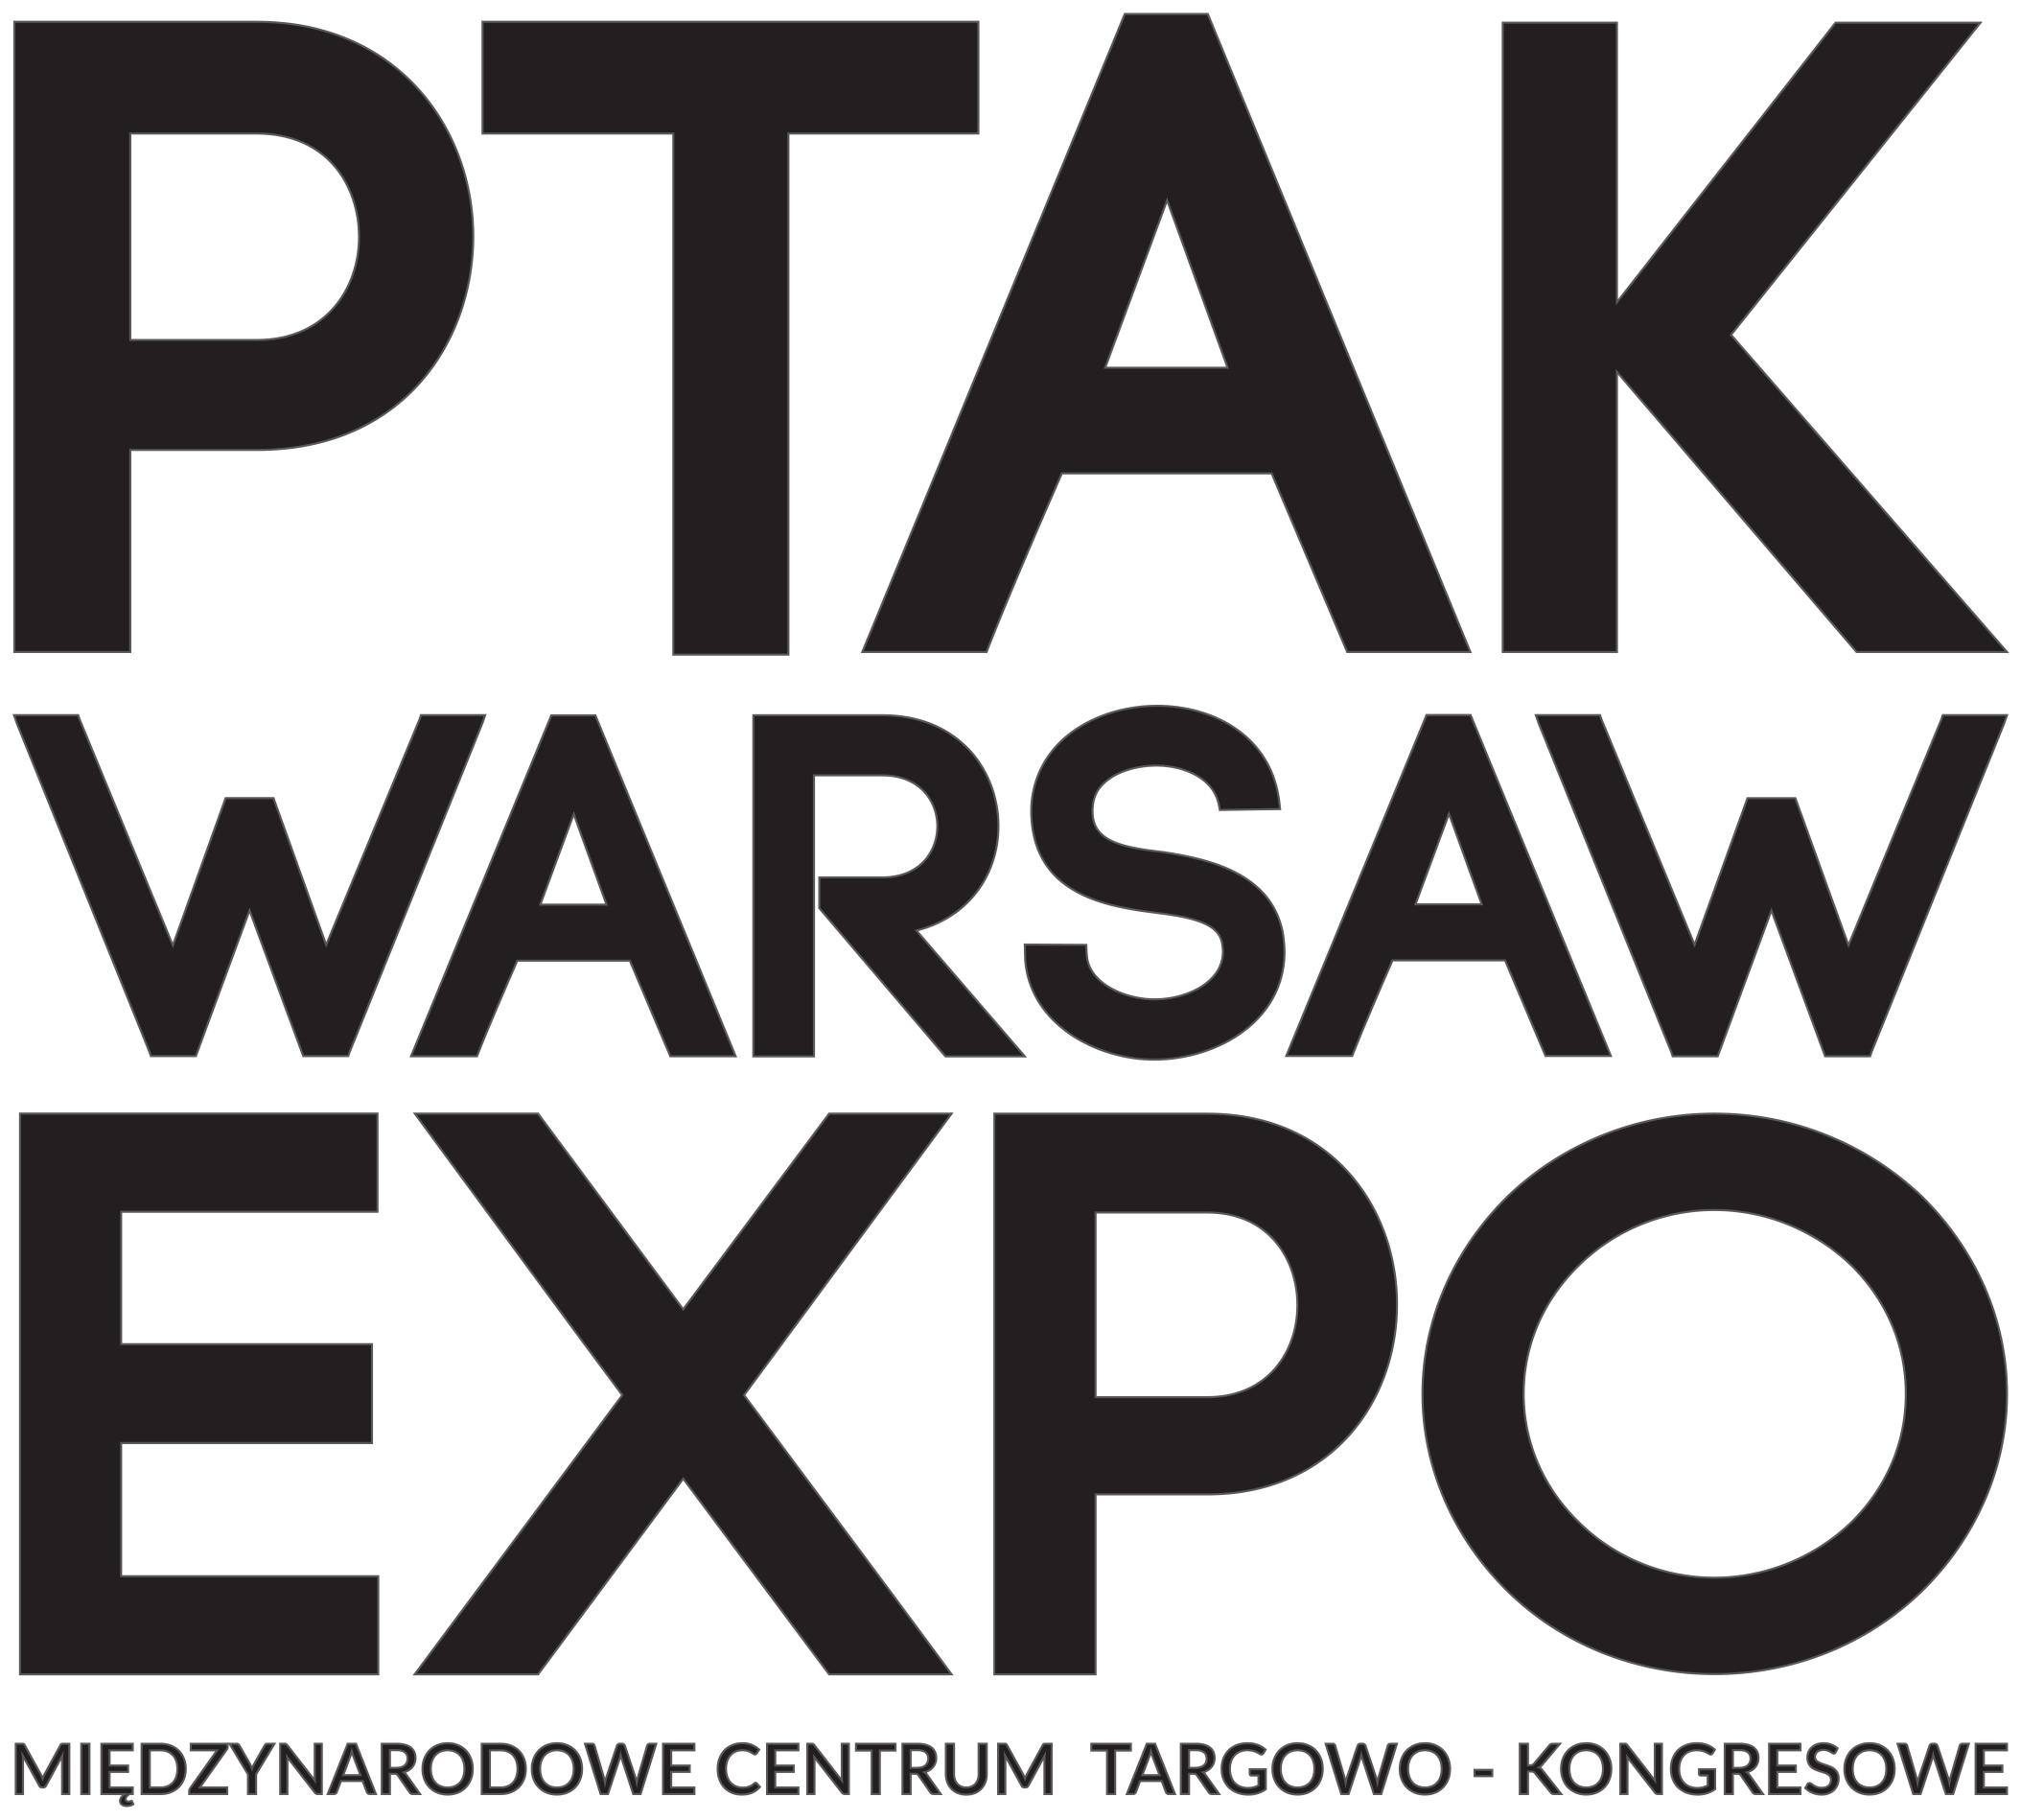 ptak-warsaw